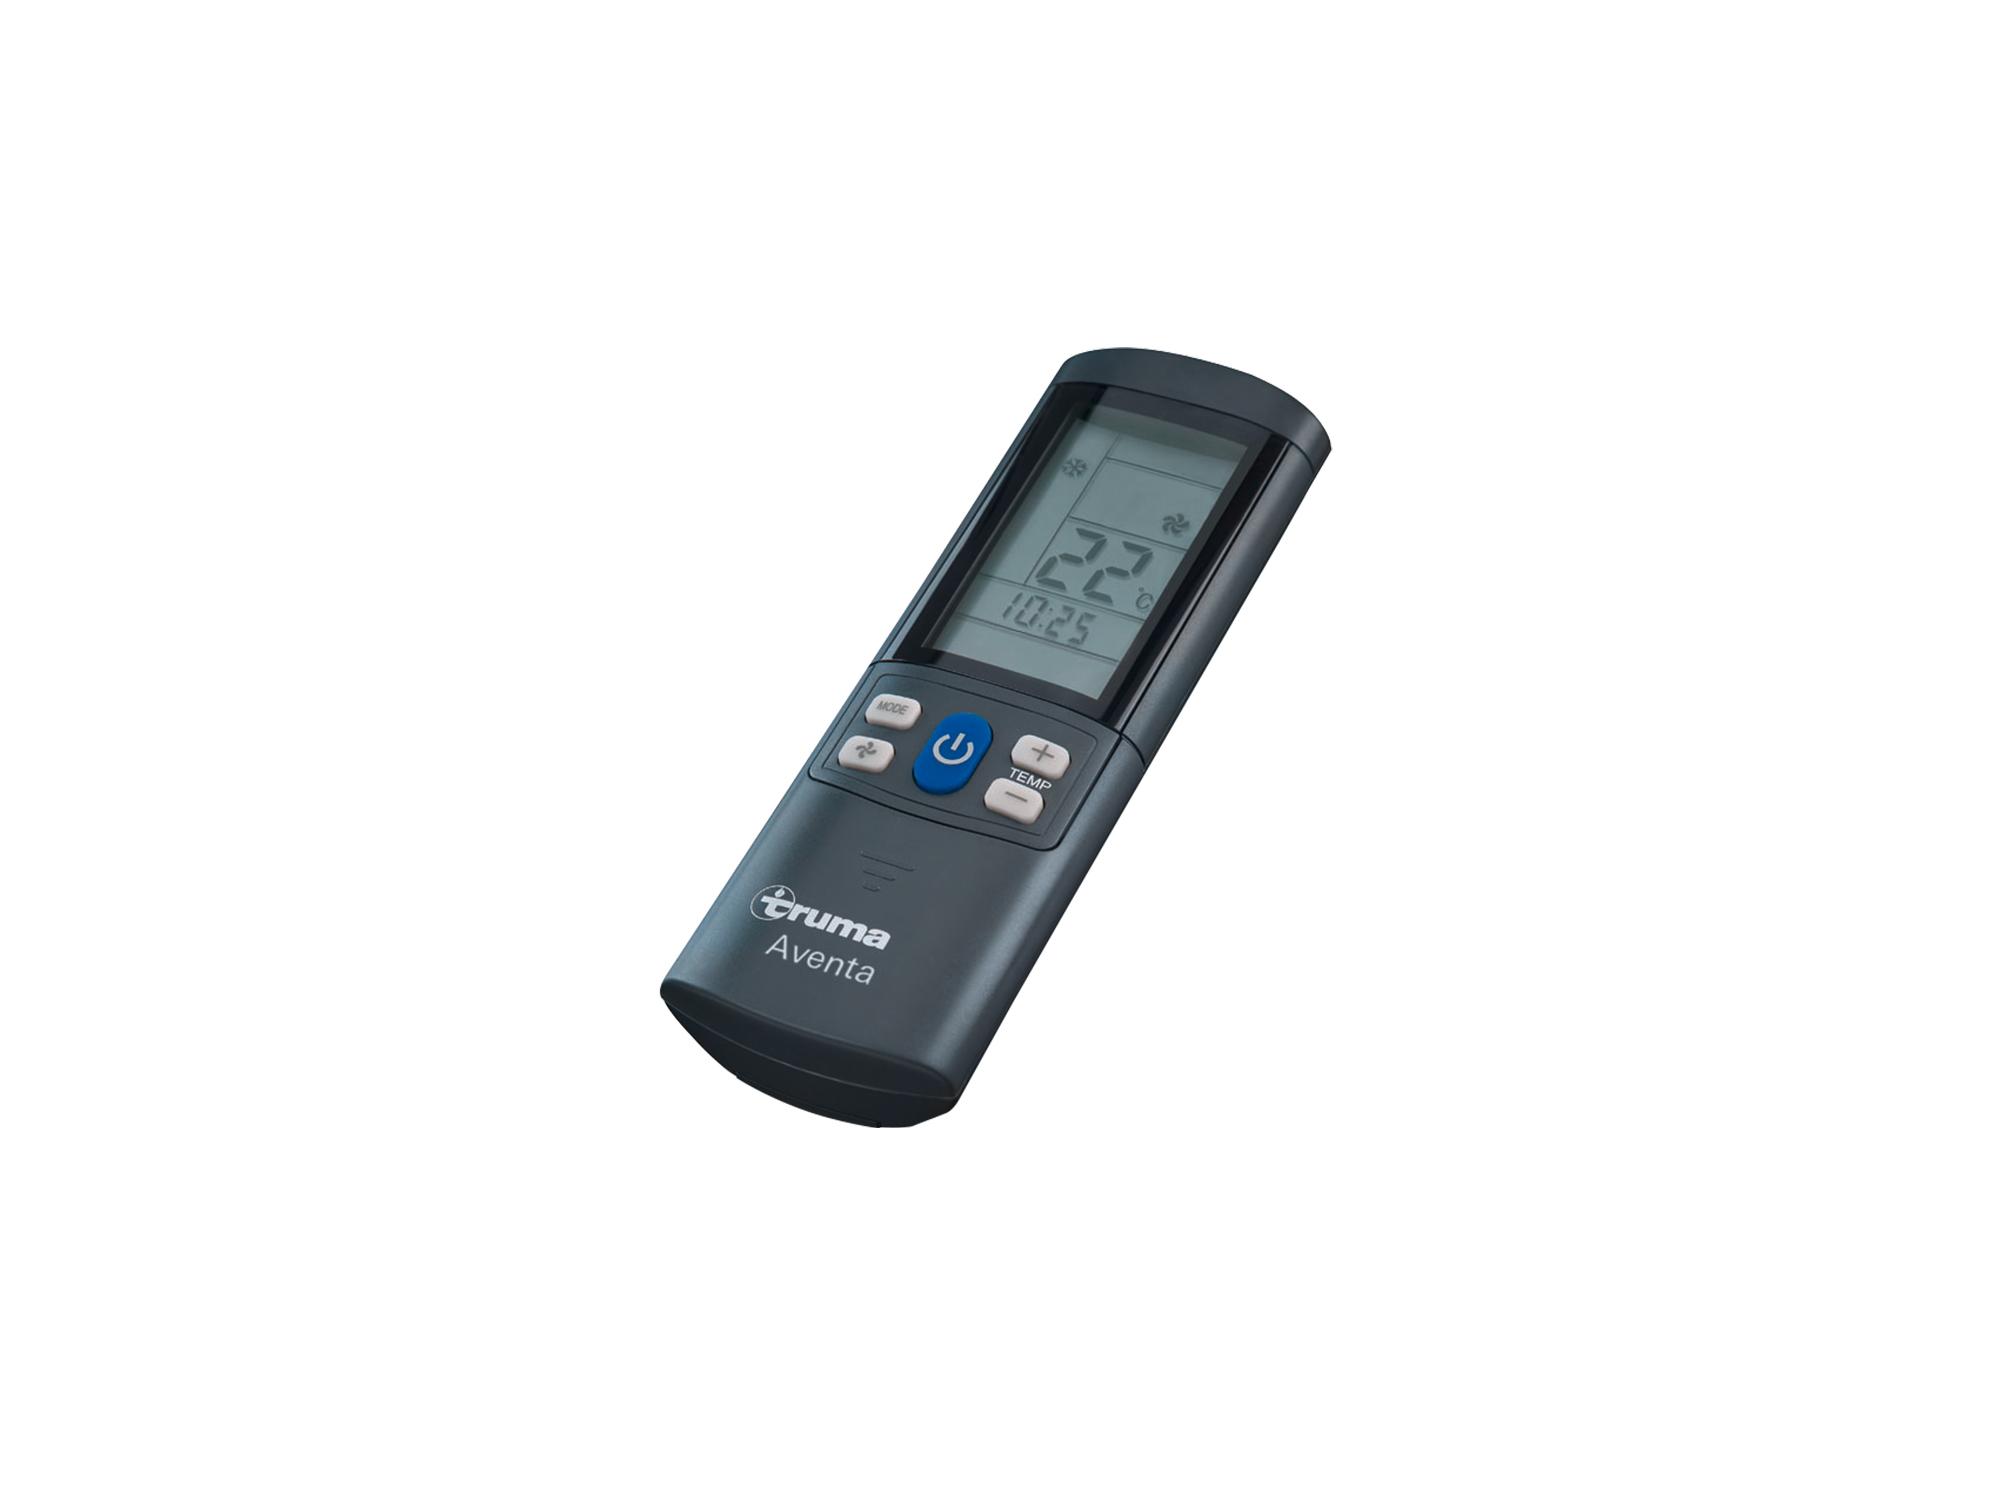 Truma Aventa compact remote control